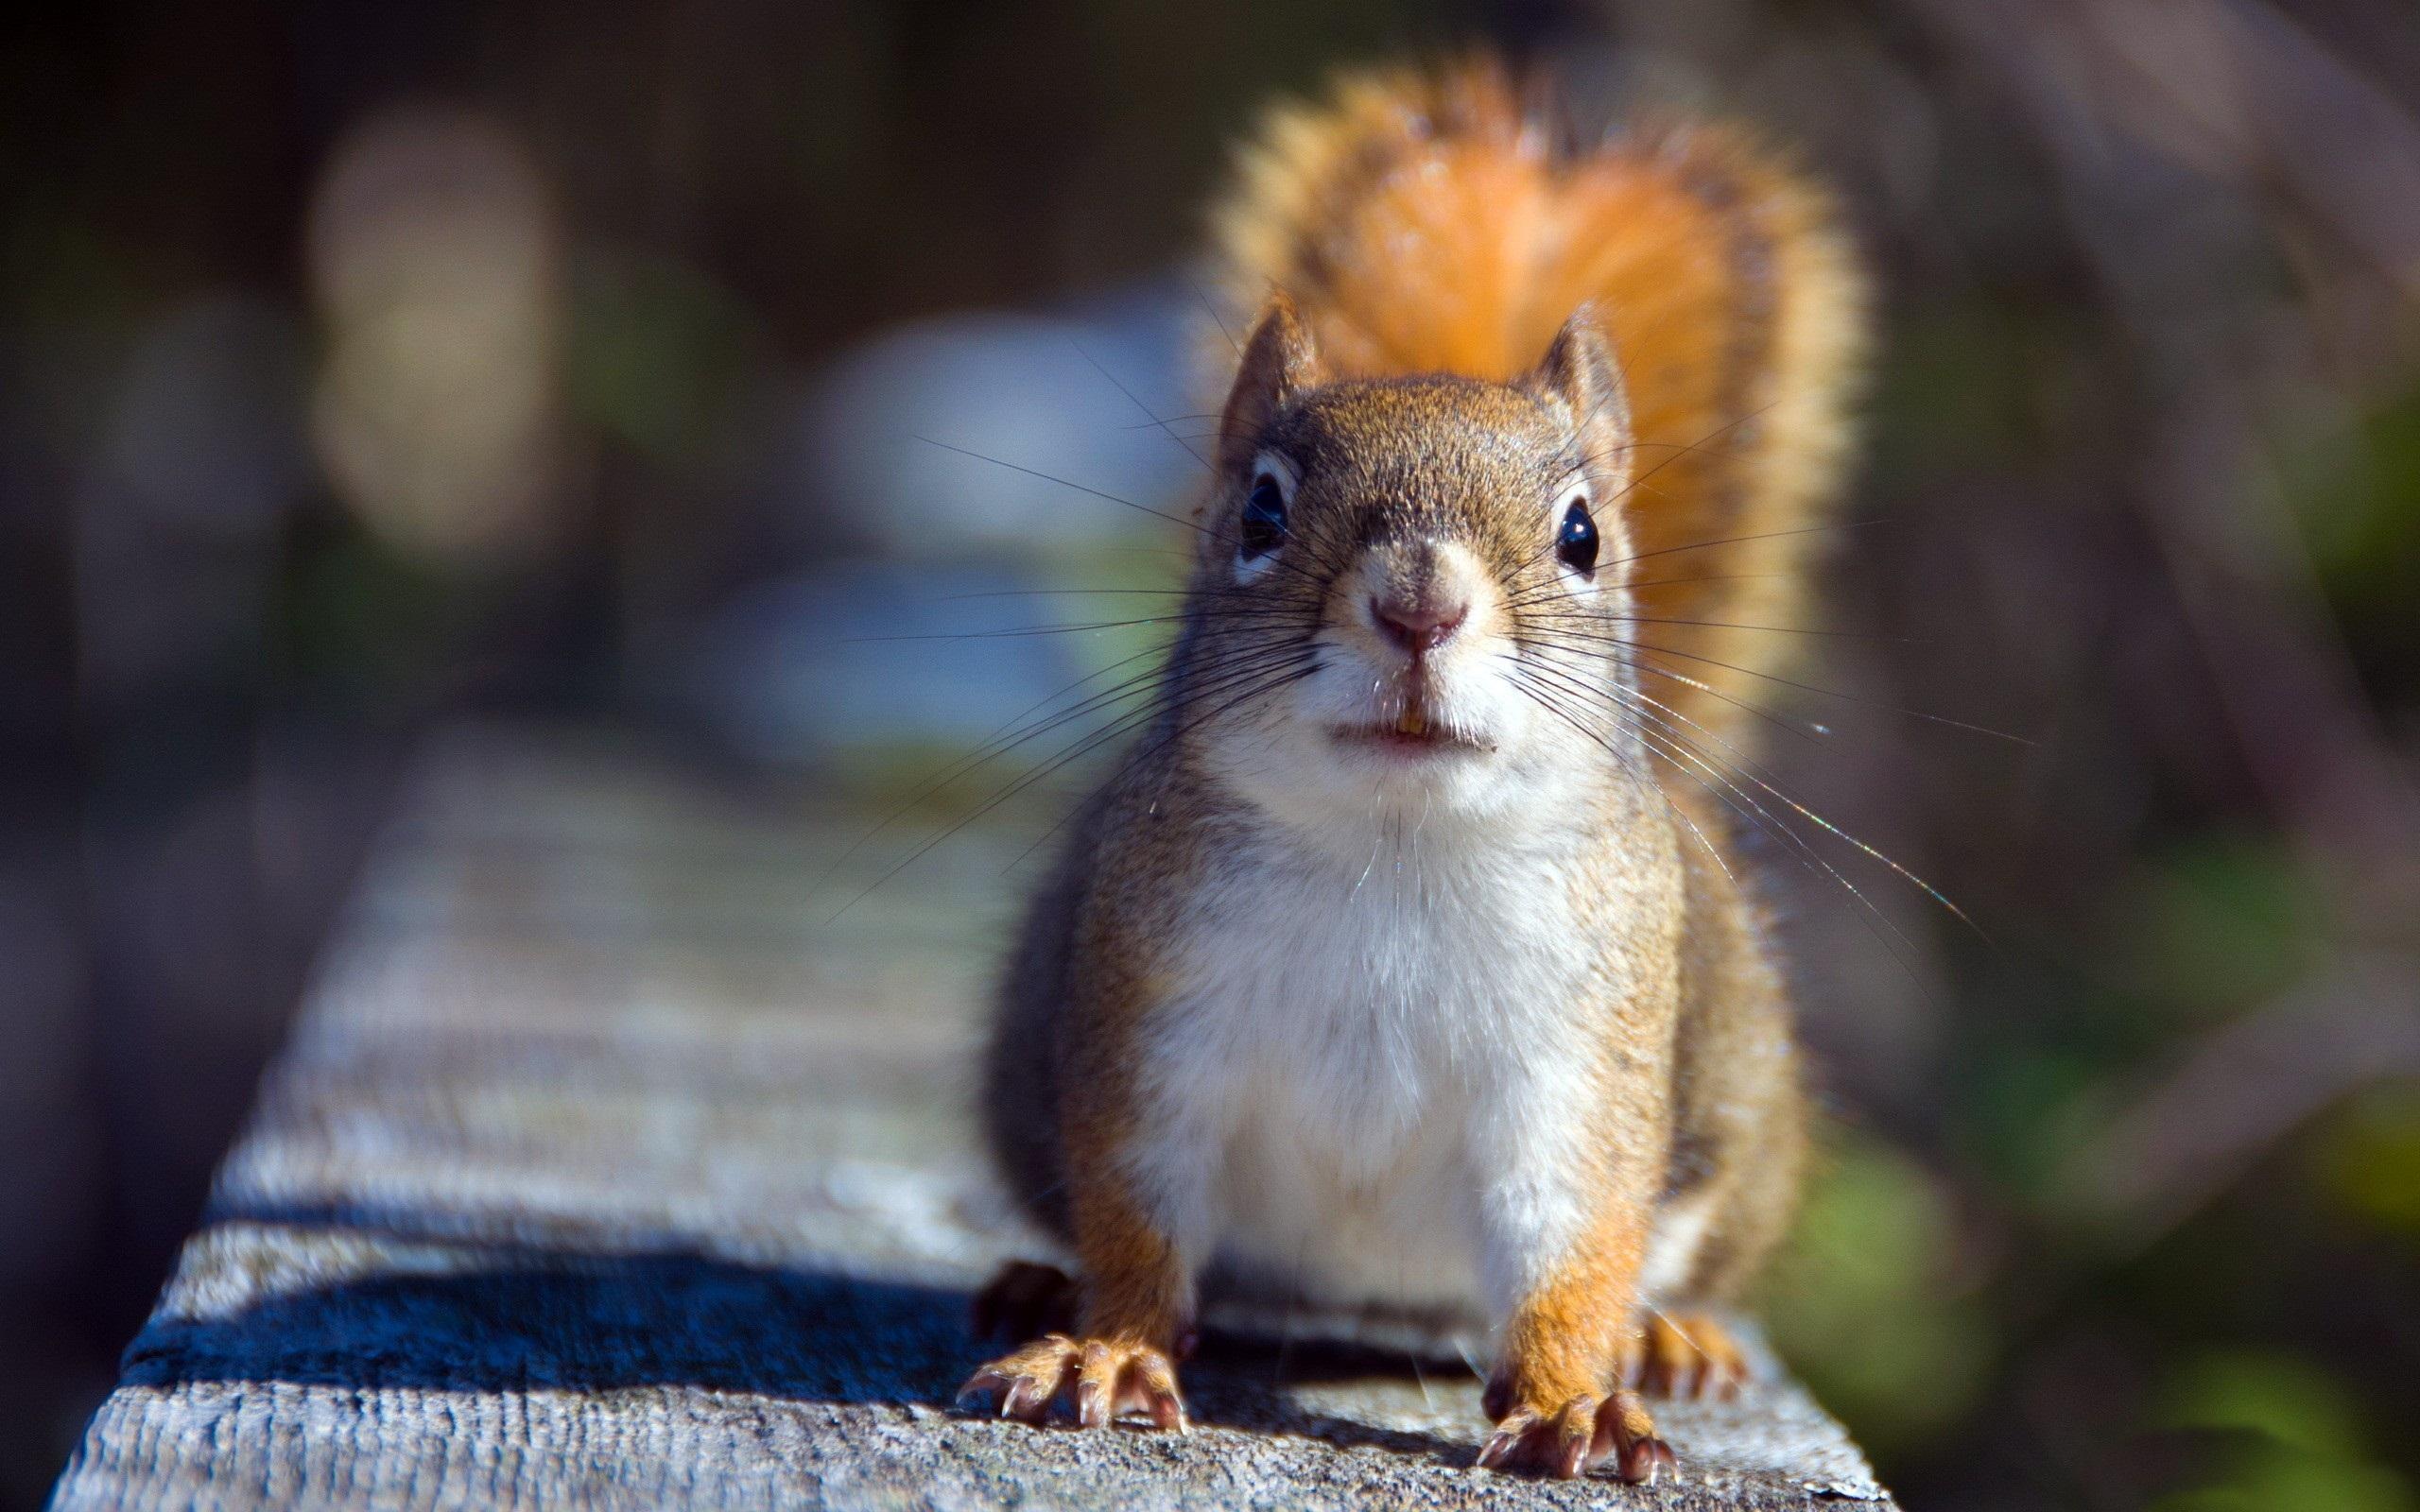 Squirrel HD Wallpaper